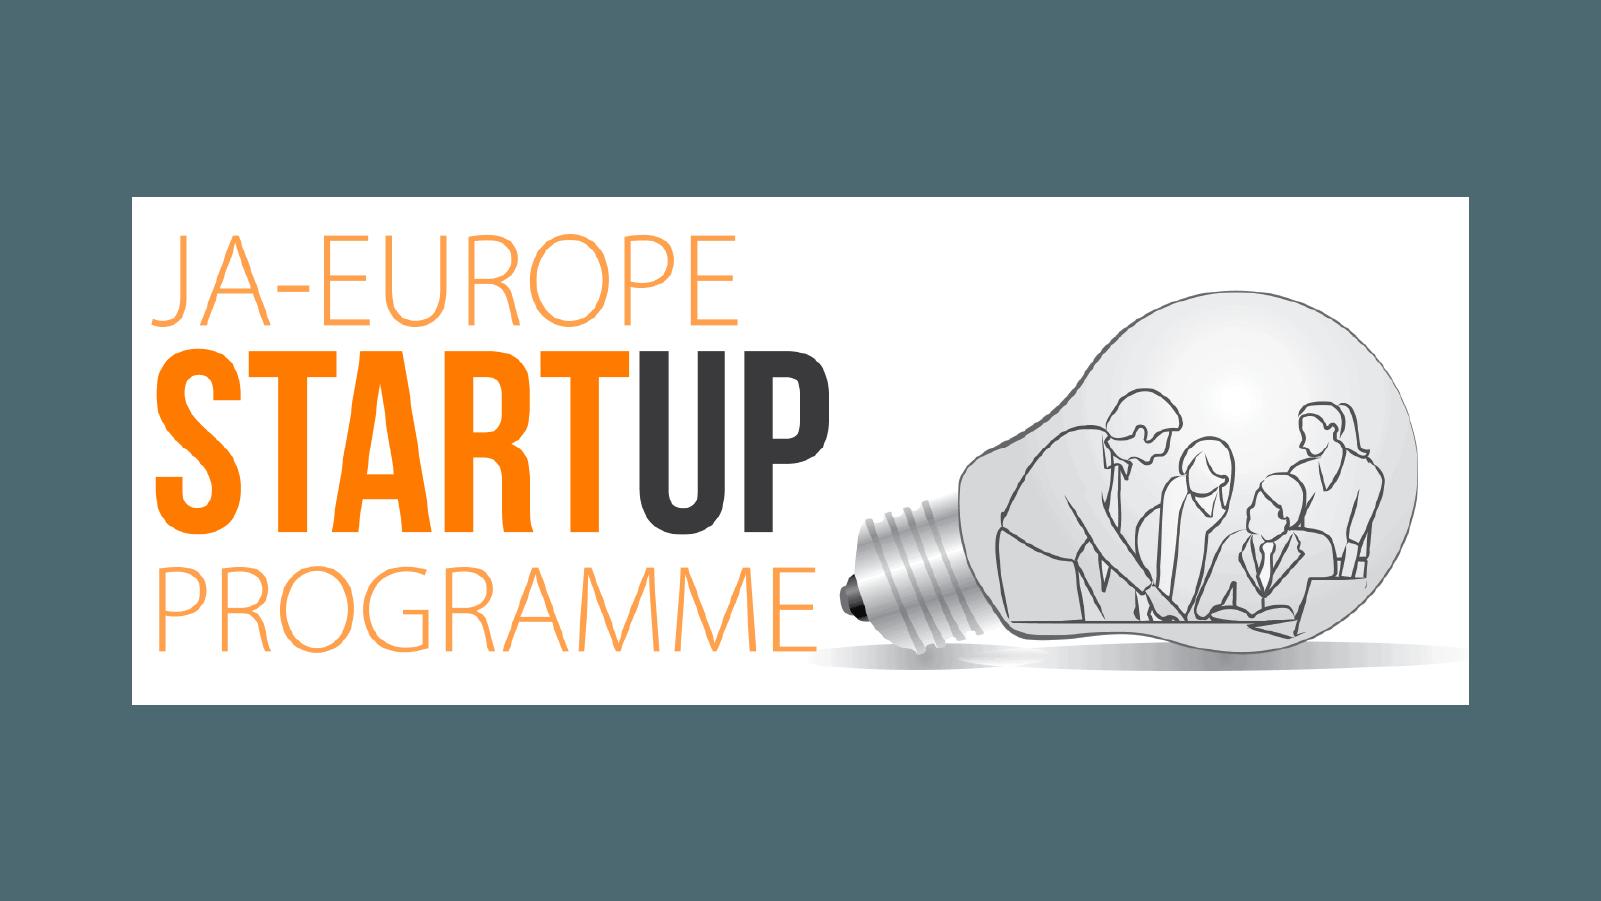 Ja Europe Startup